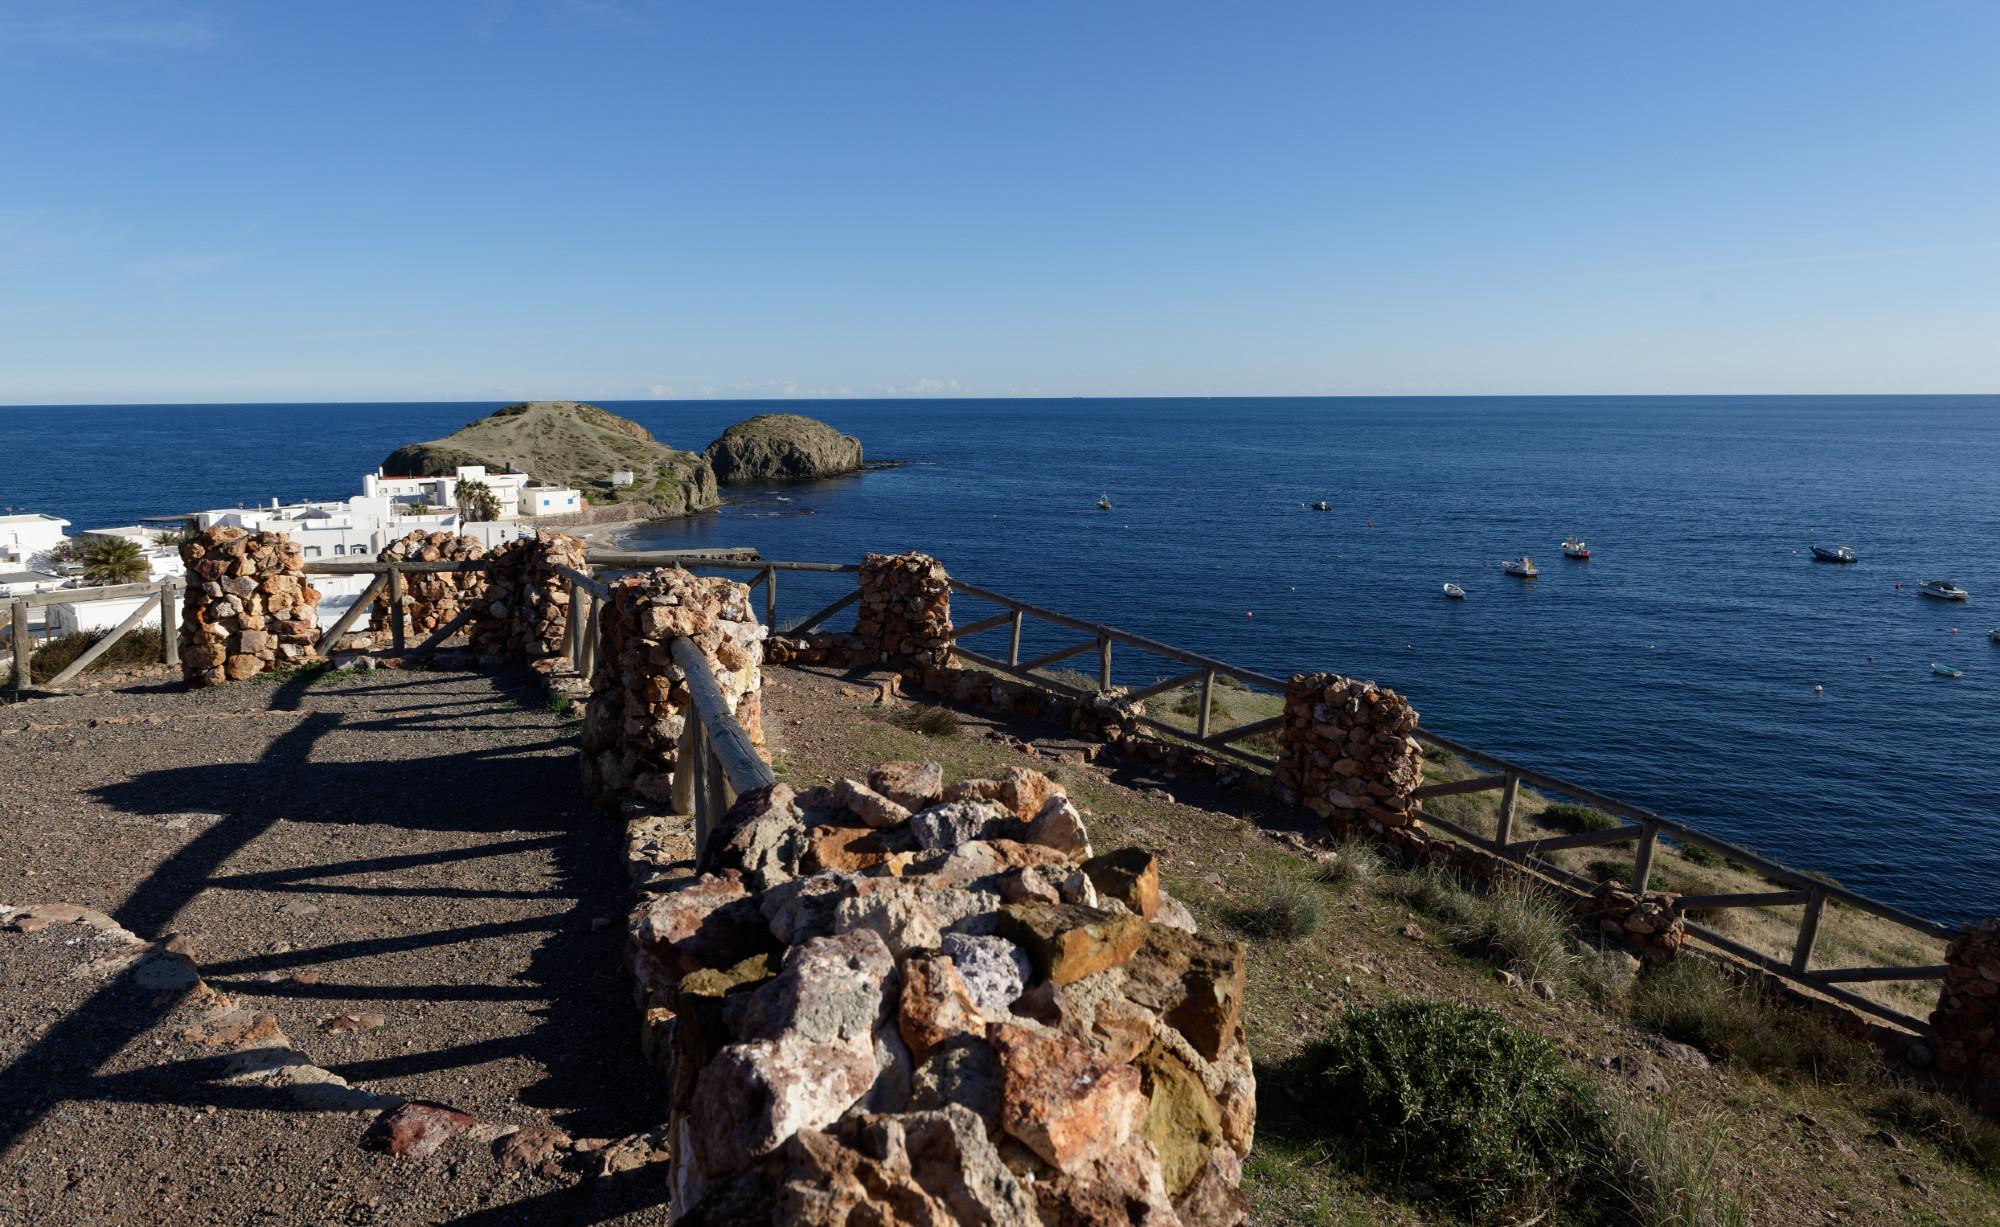 171218-La Isleta del Moro (Cabo de Gata-Andalousie) (41)